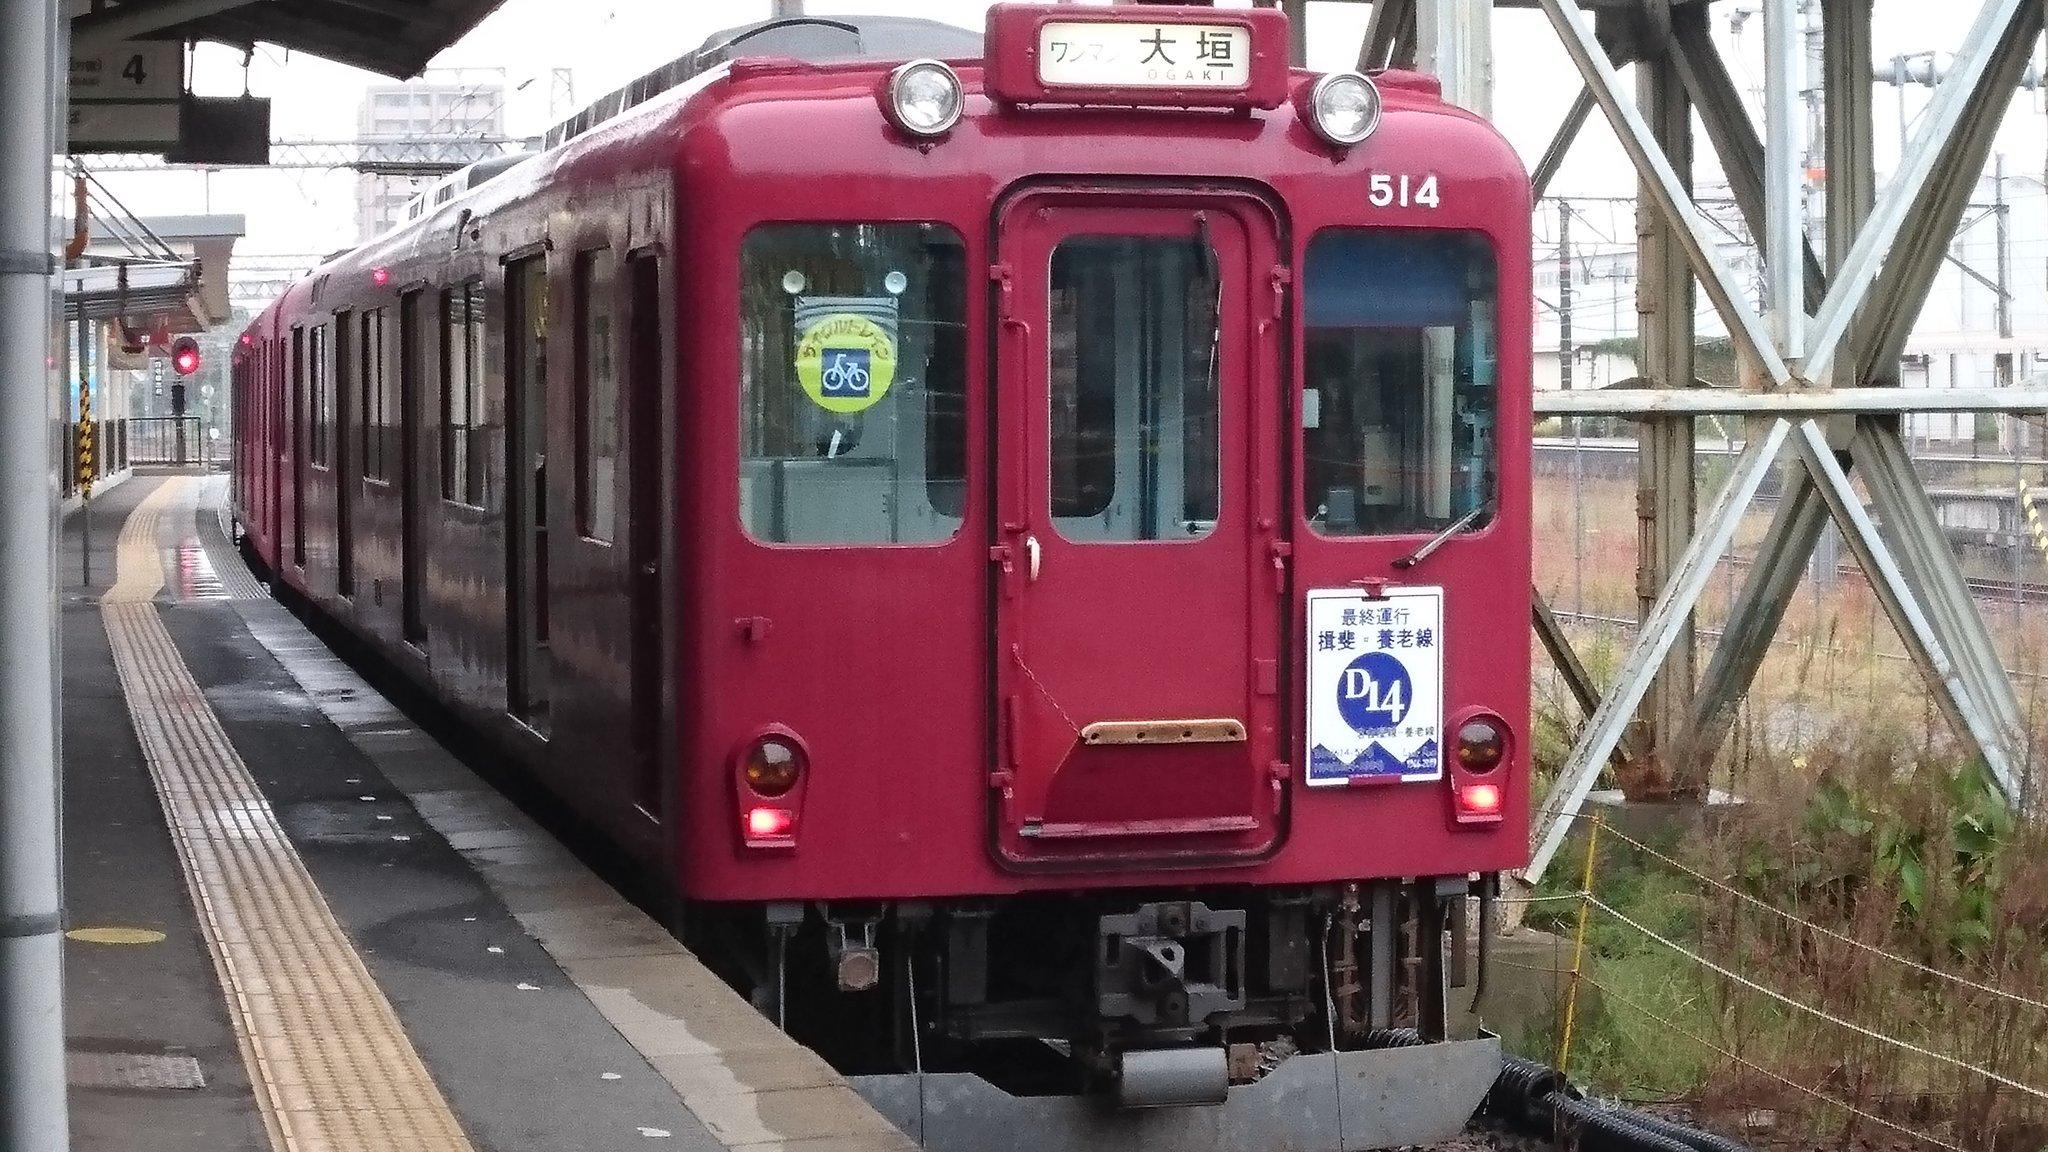 【養老鉄道】600系全車廃車完了 8日にD14編成の廃車回送が東方~塩浜で行われる